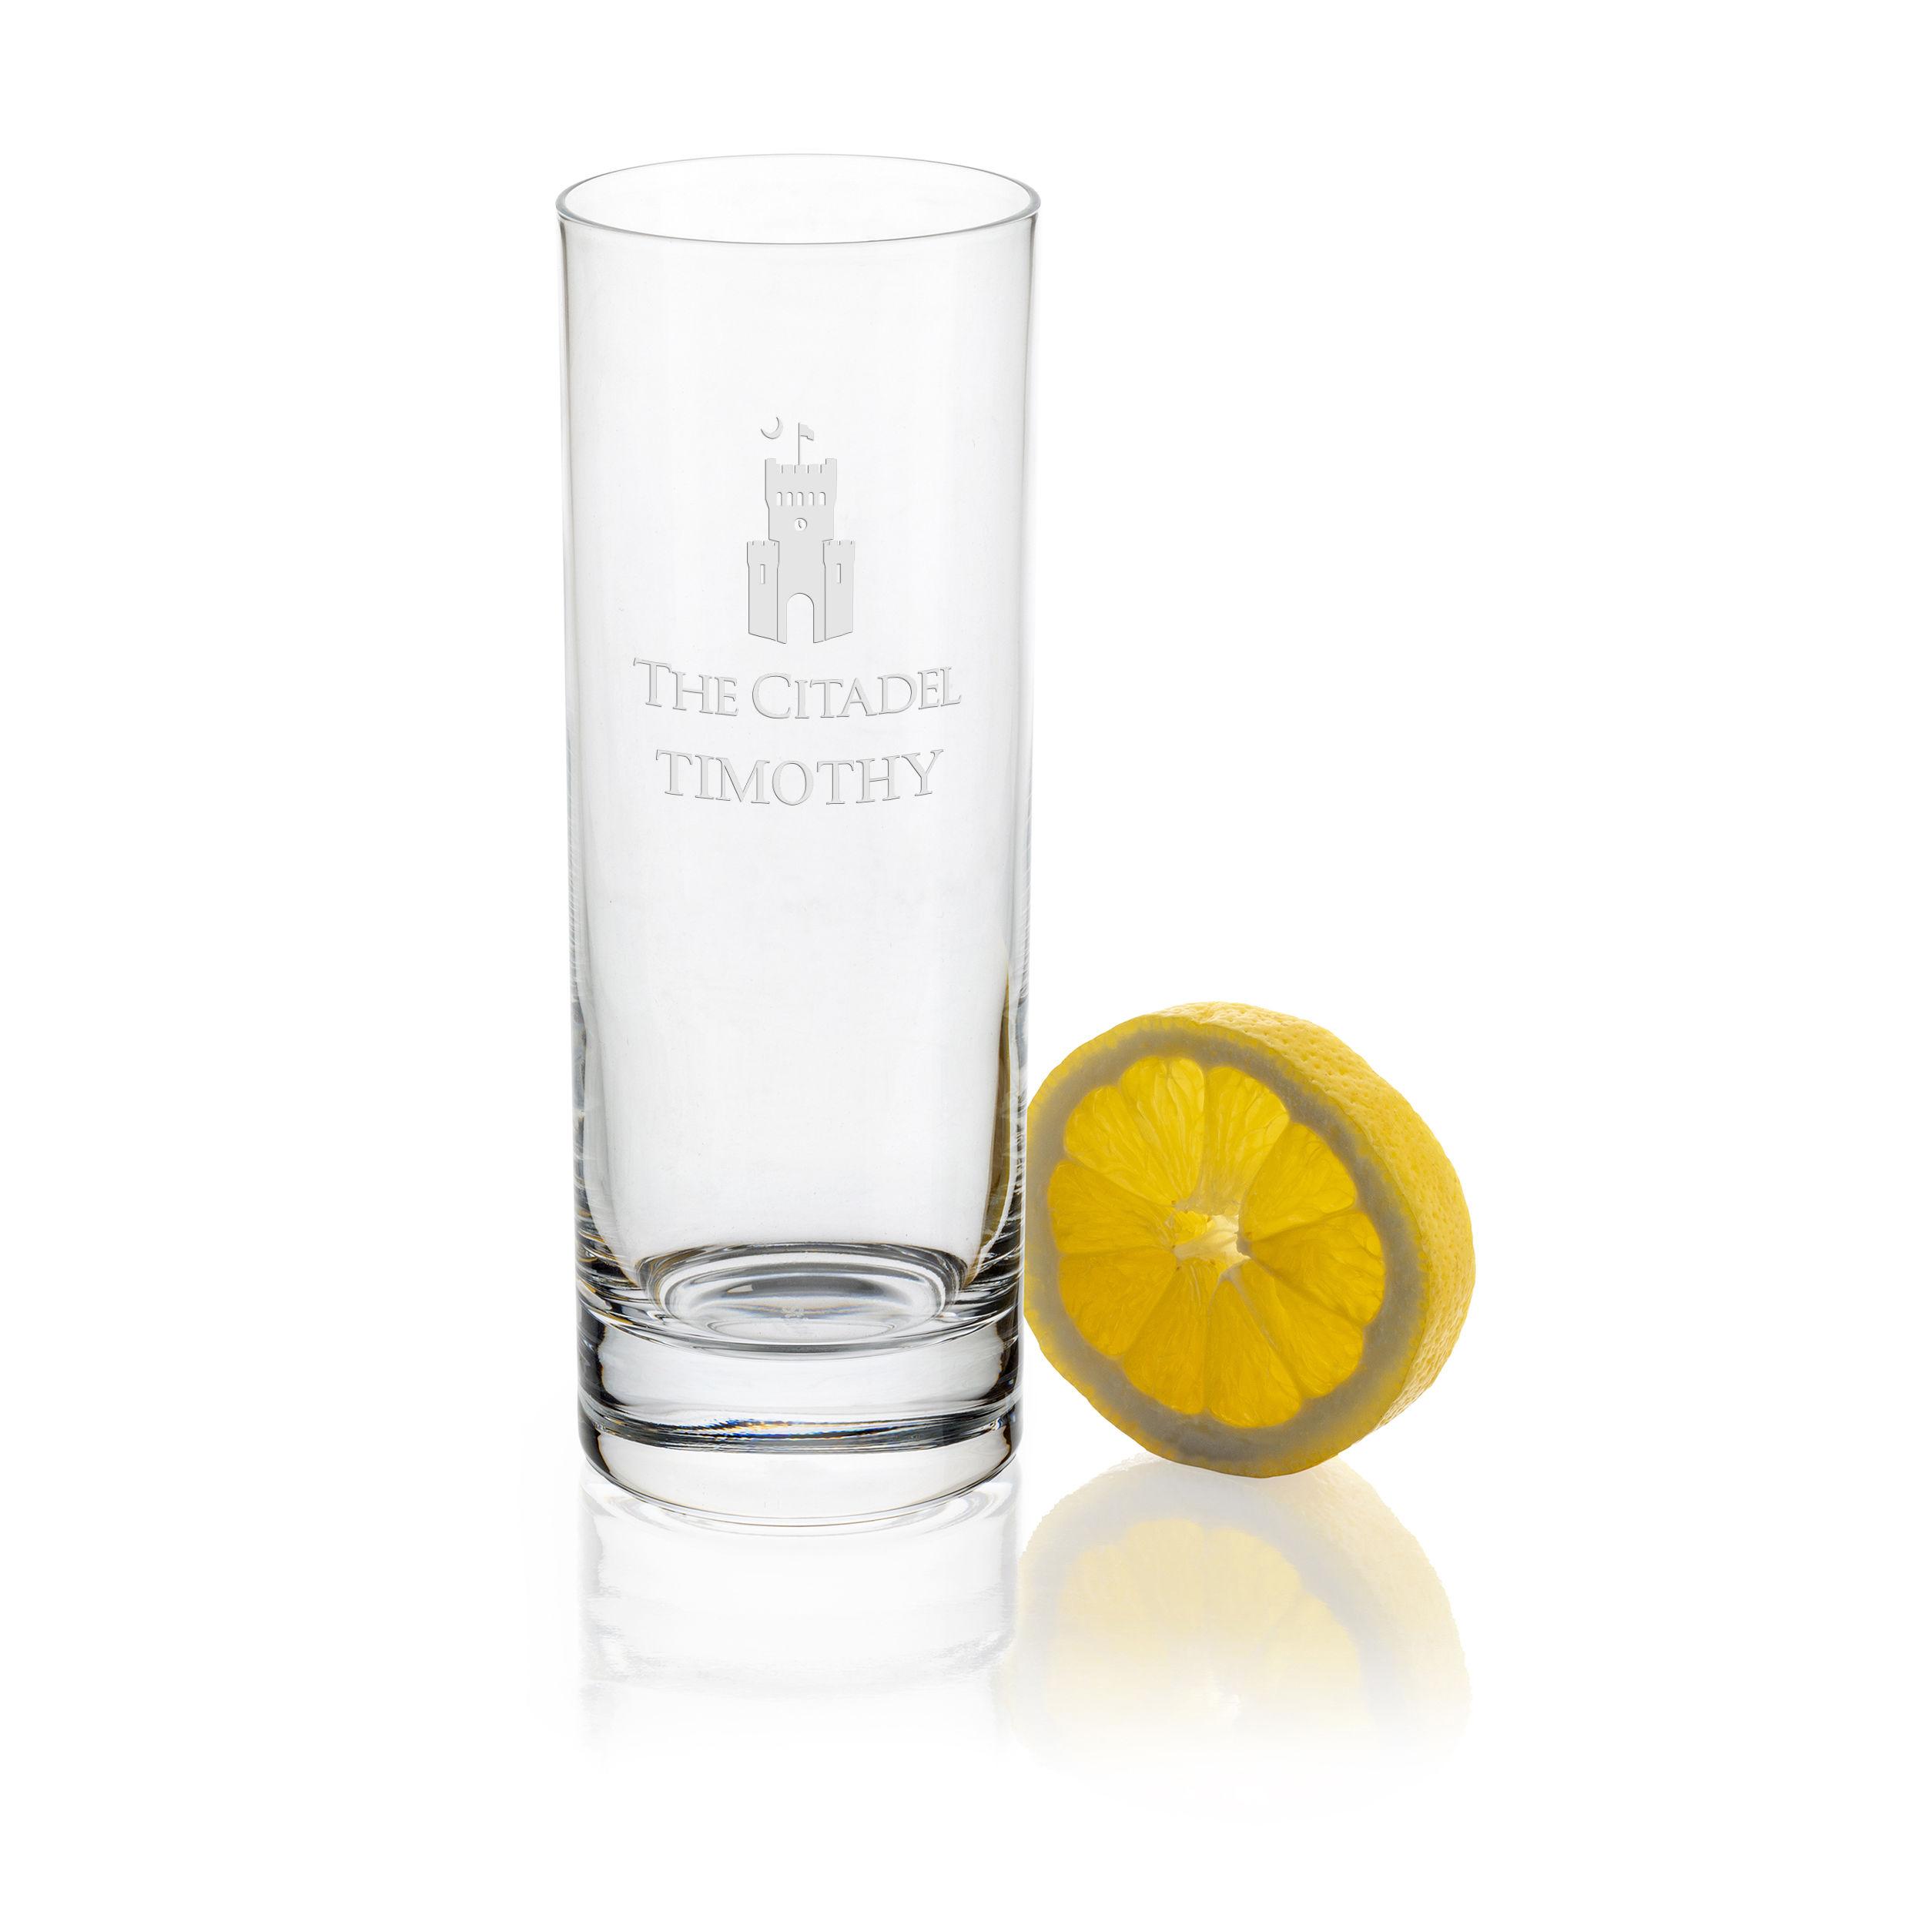 Citadel Iced Beverage Glasses - Set of 2